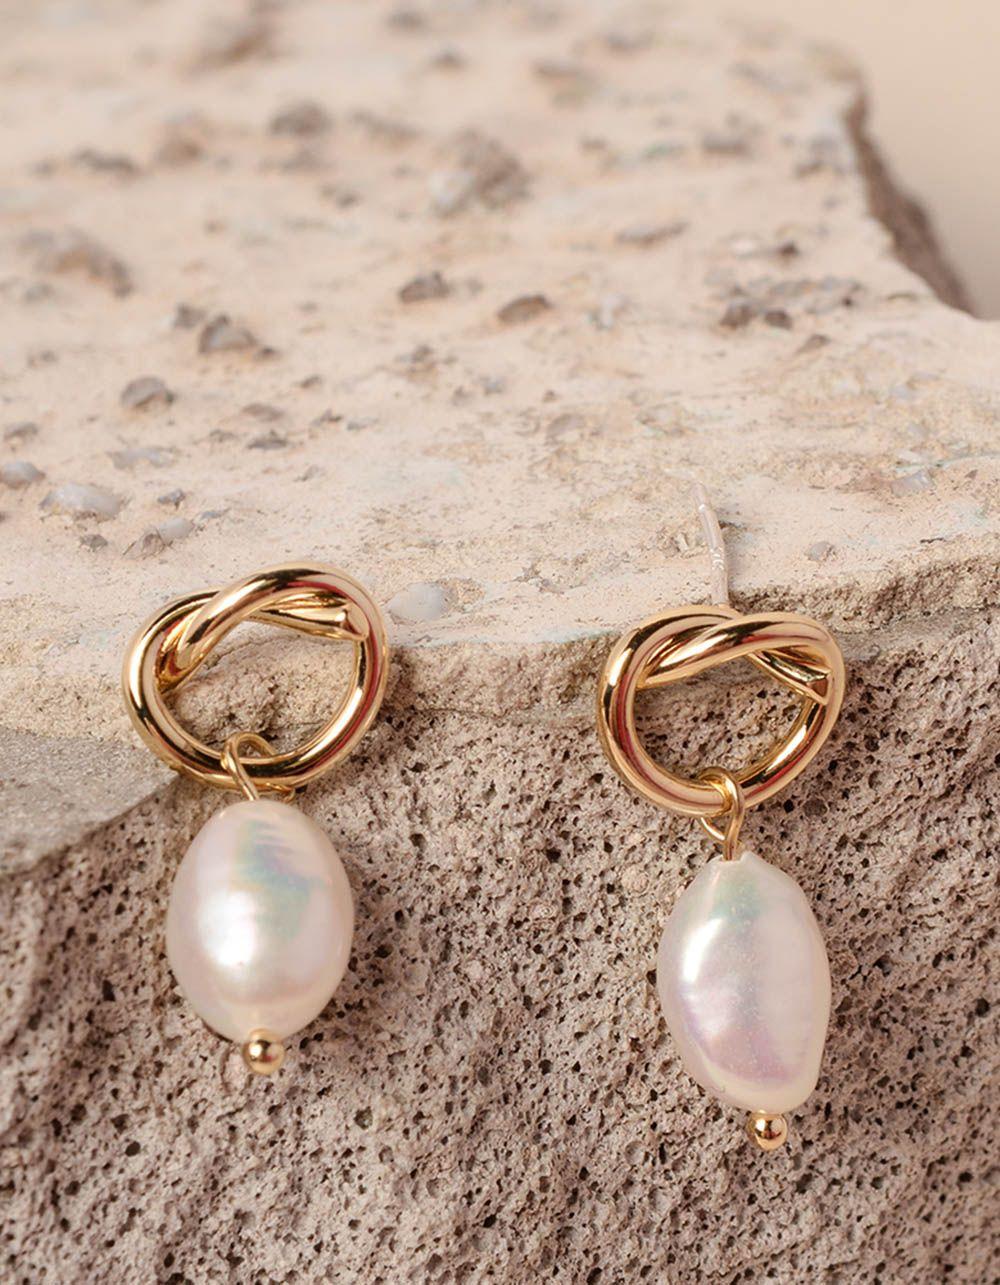 Сережки фігурні з перлинами | 237623-08-XX